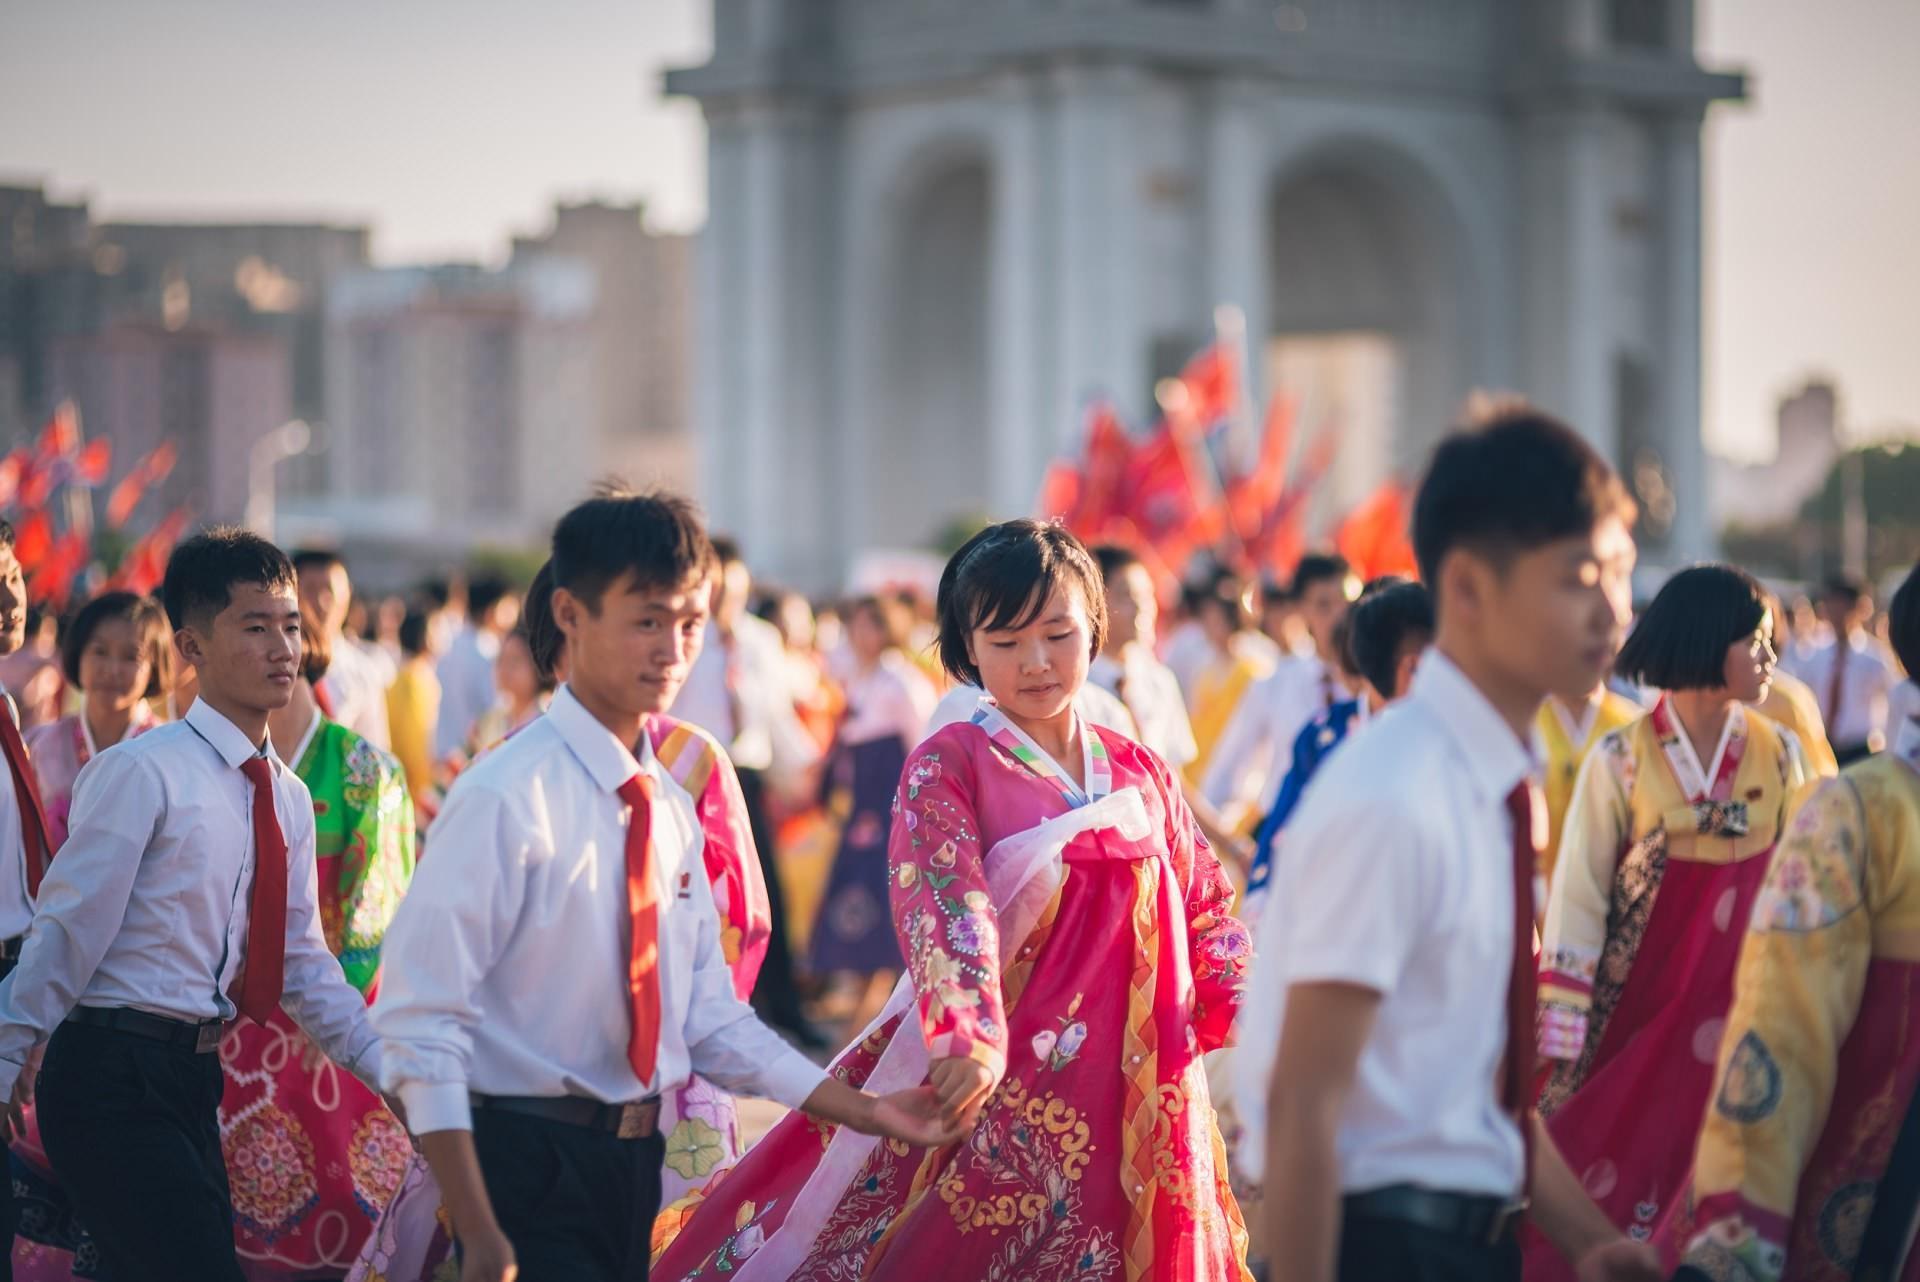 """Северная Корея без """"чернухи"""": красота и чистота Северокорейские, городской пейзаж, достопримечательности, корея, обратная сторона медали, путешествие, северная корея, туризм"""